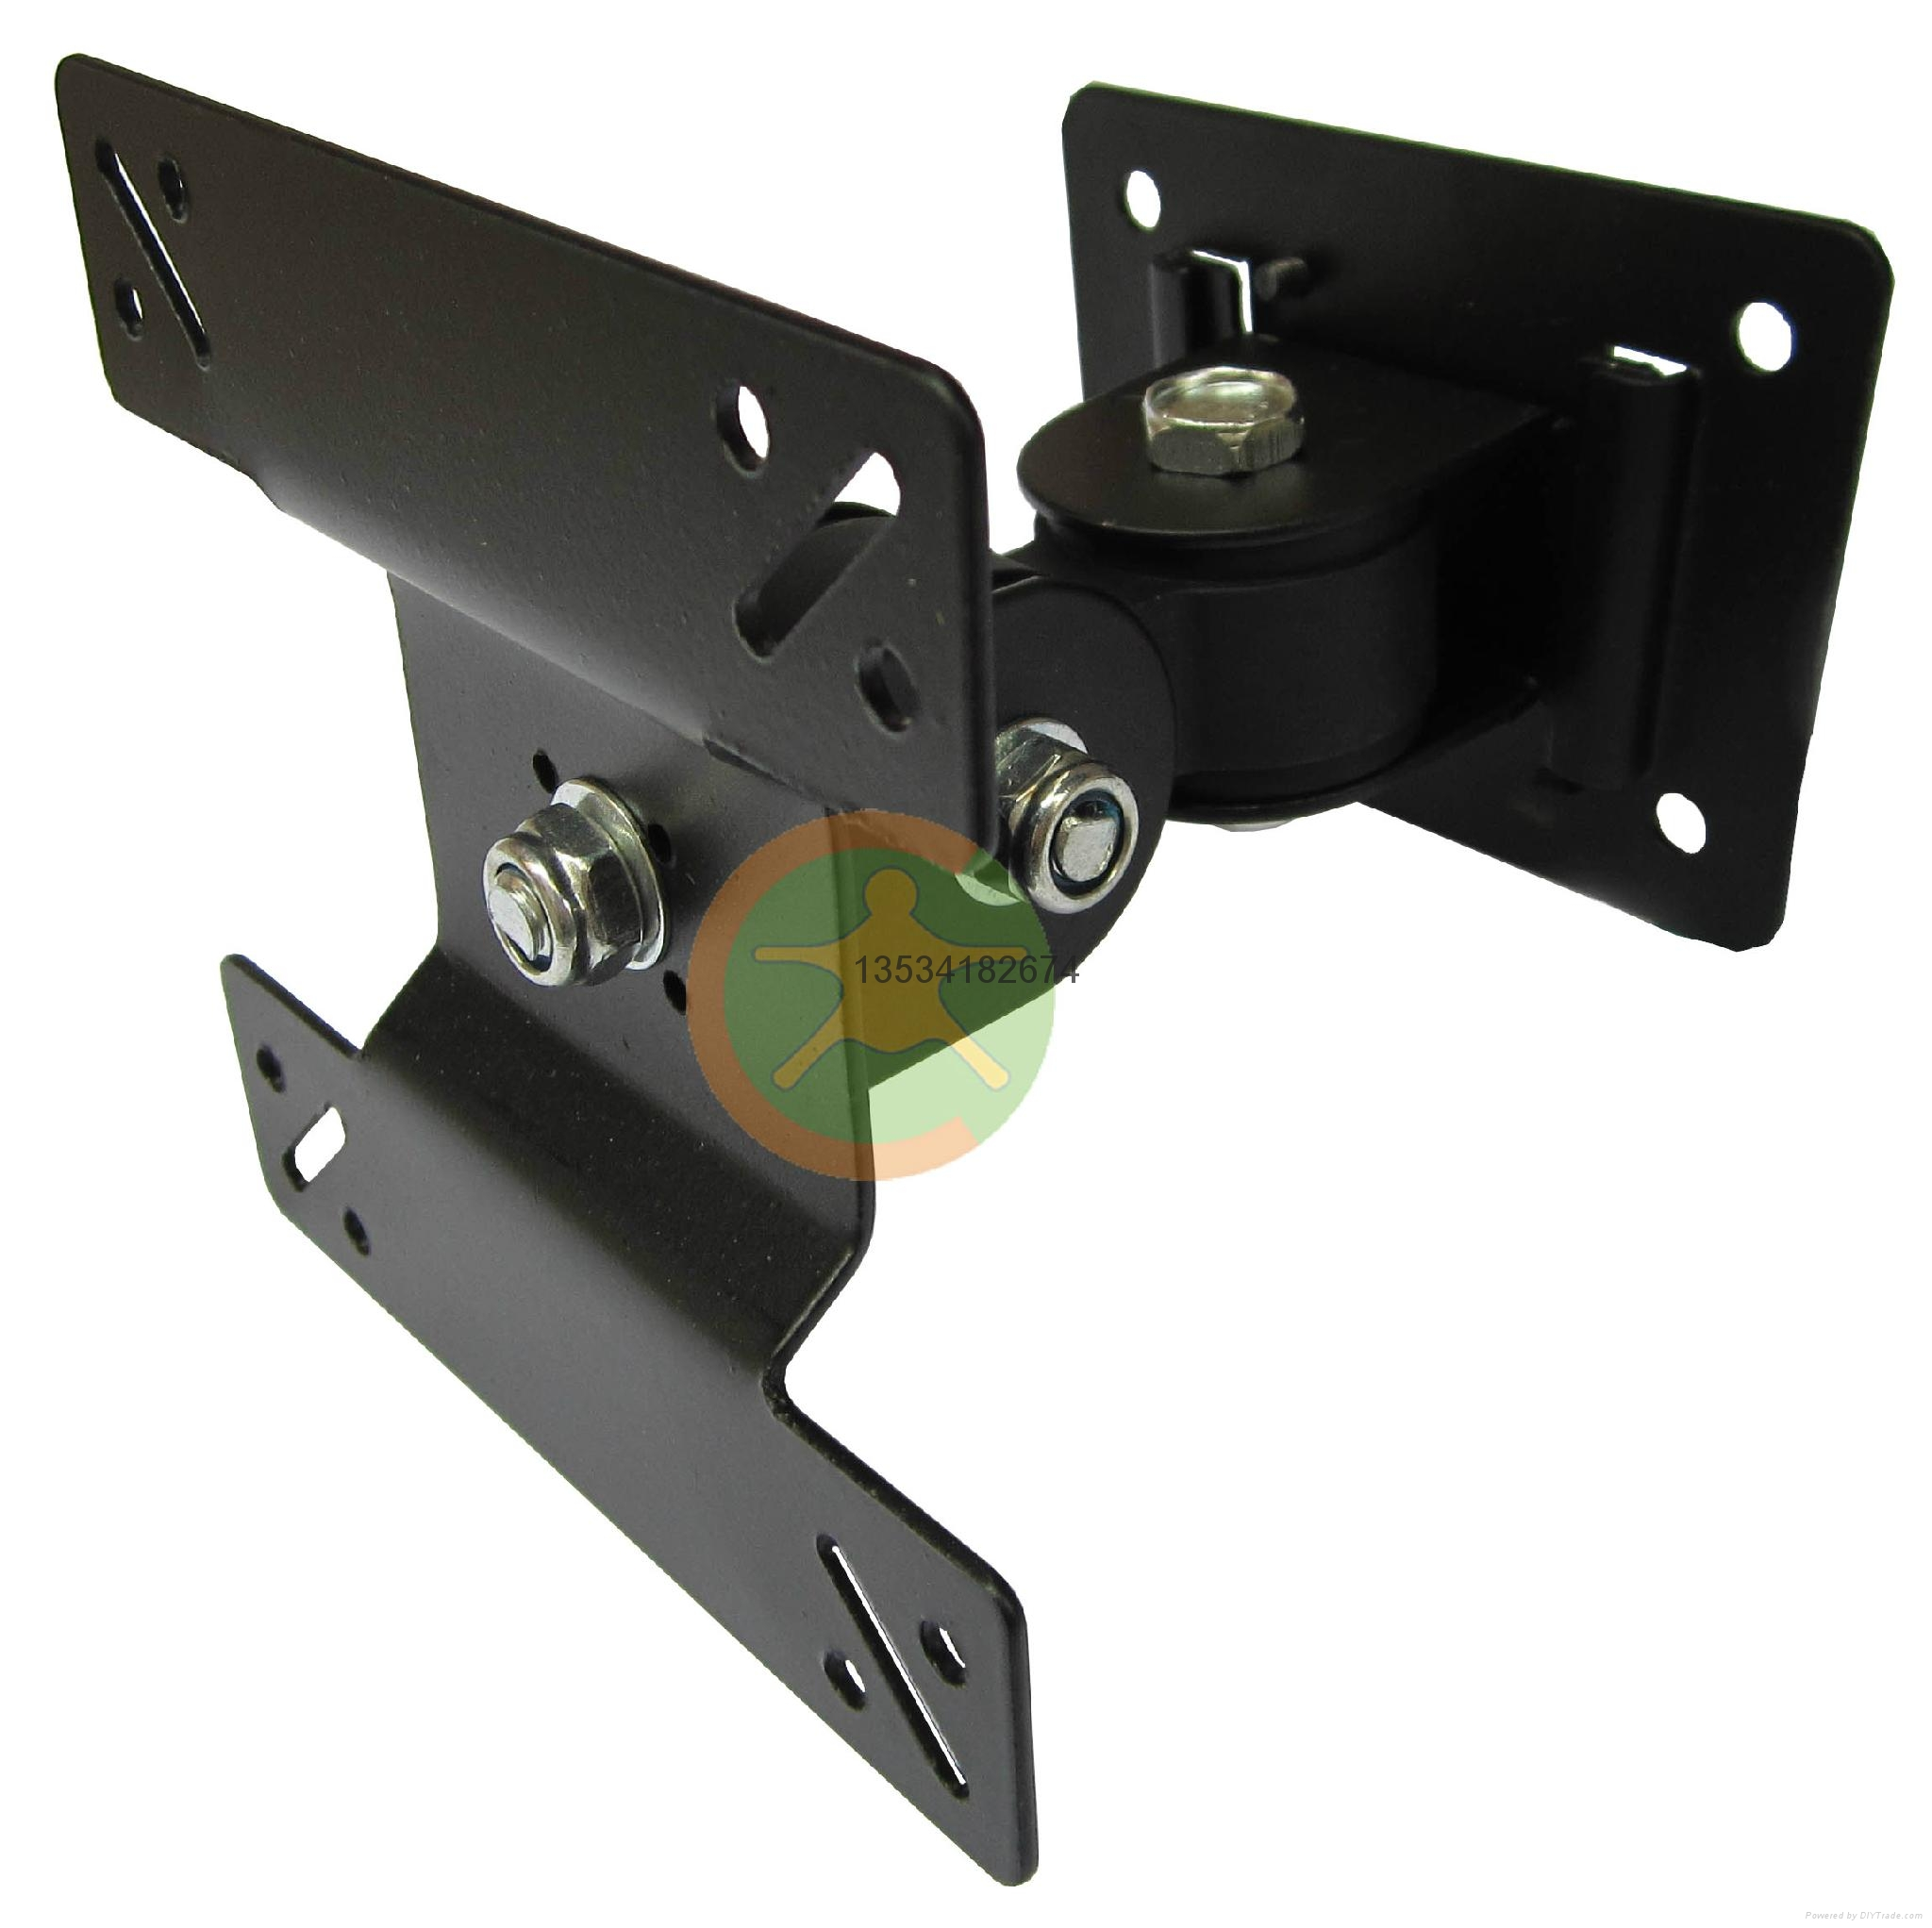 液晶電視支架液晶顯示器挂架LCD挂架電視挂架 F01B 2